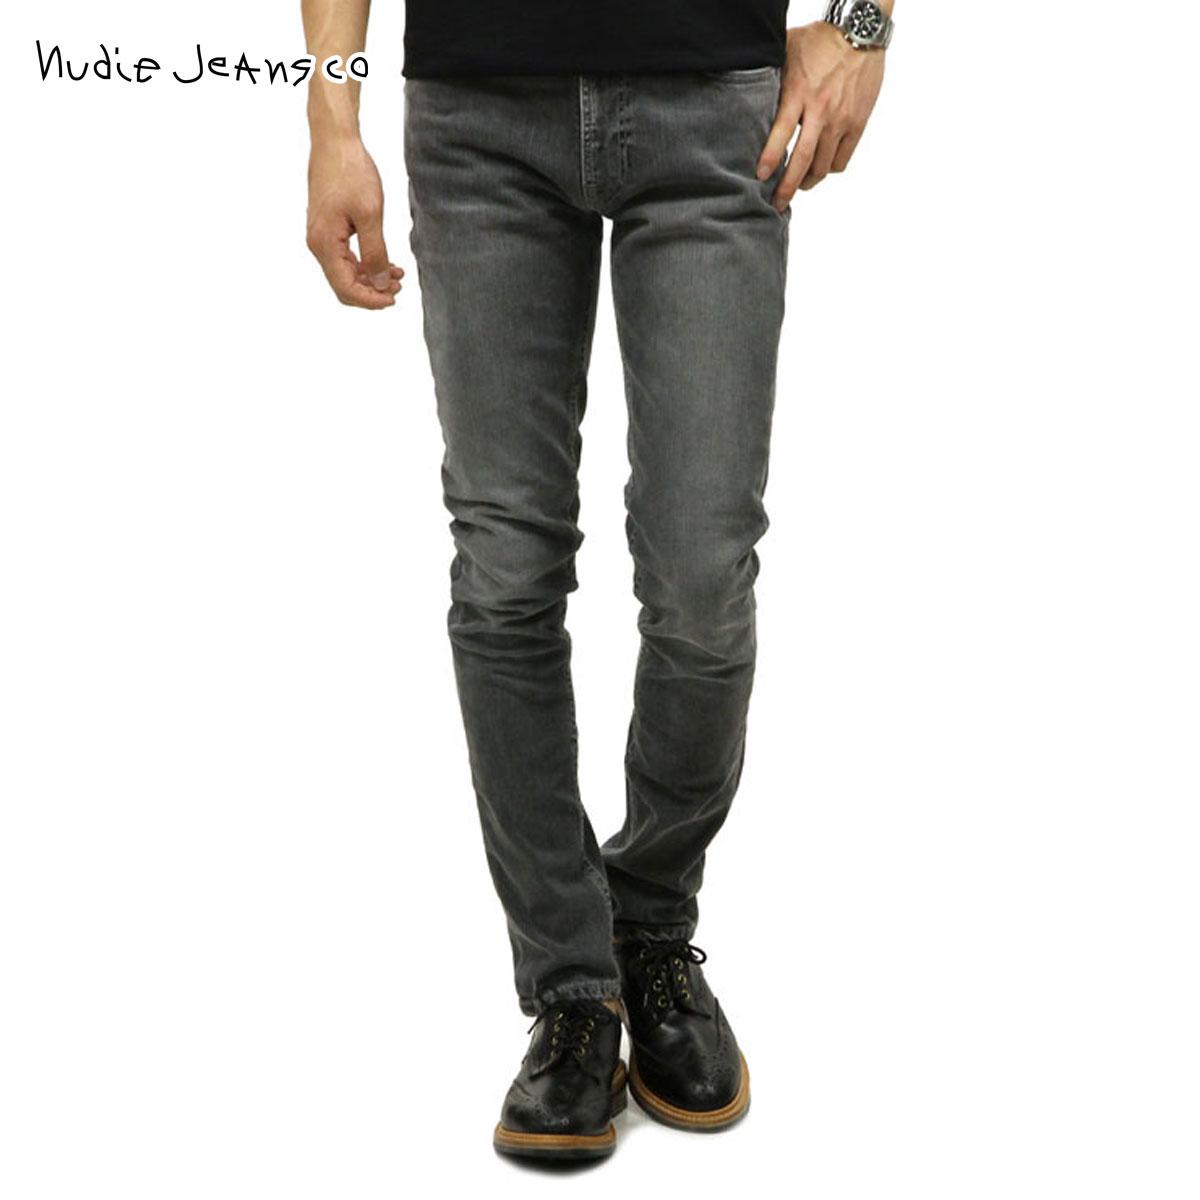 ヌーディージーンズ Nudie Jeans 正規販売店 メンズ ジーンズ Lean Dean 693 Grey Hunt 112264